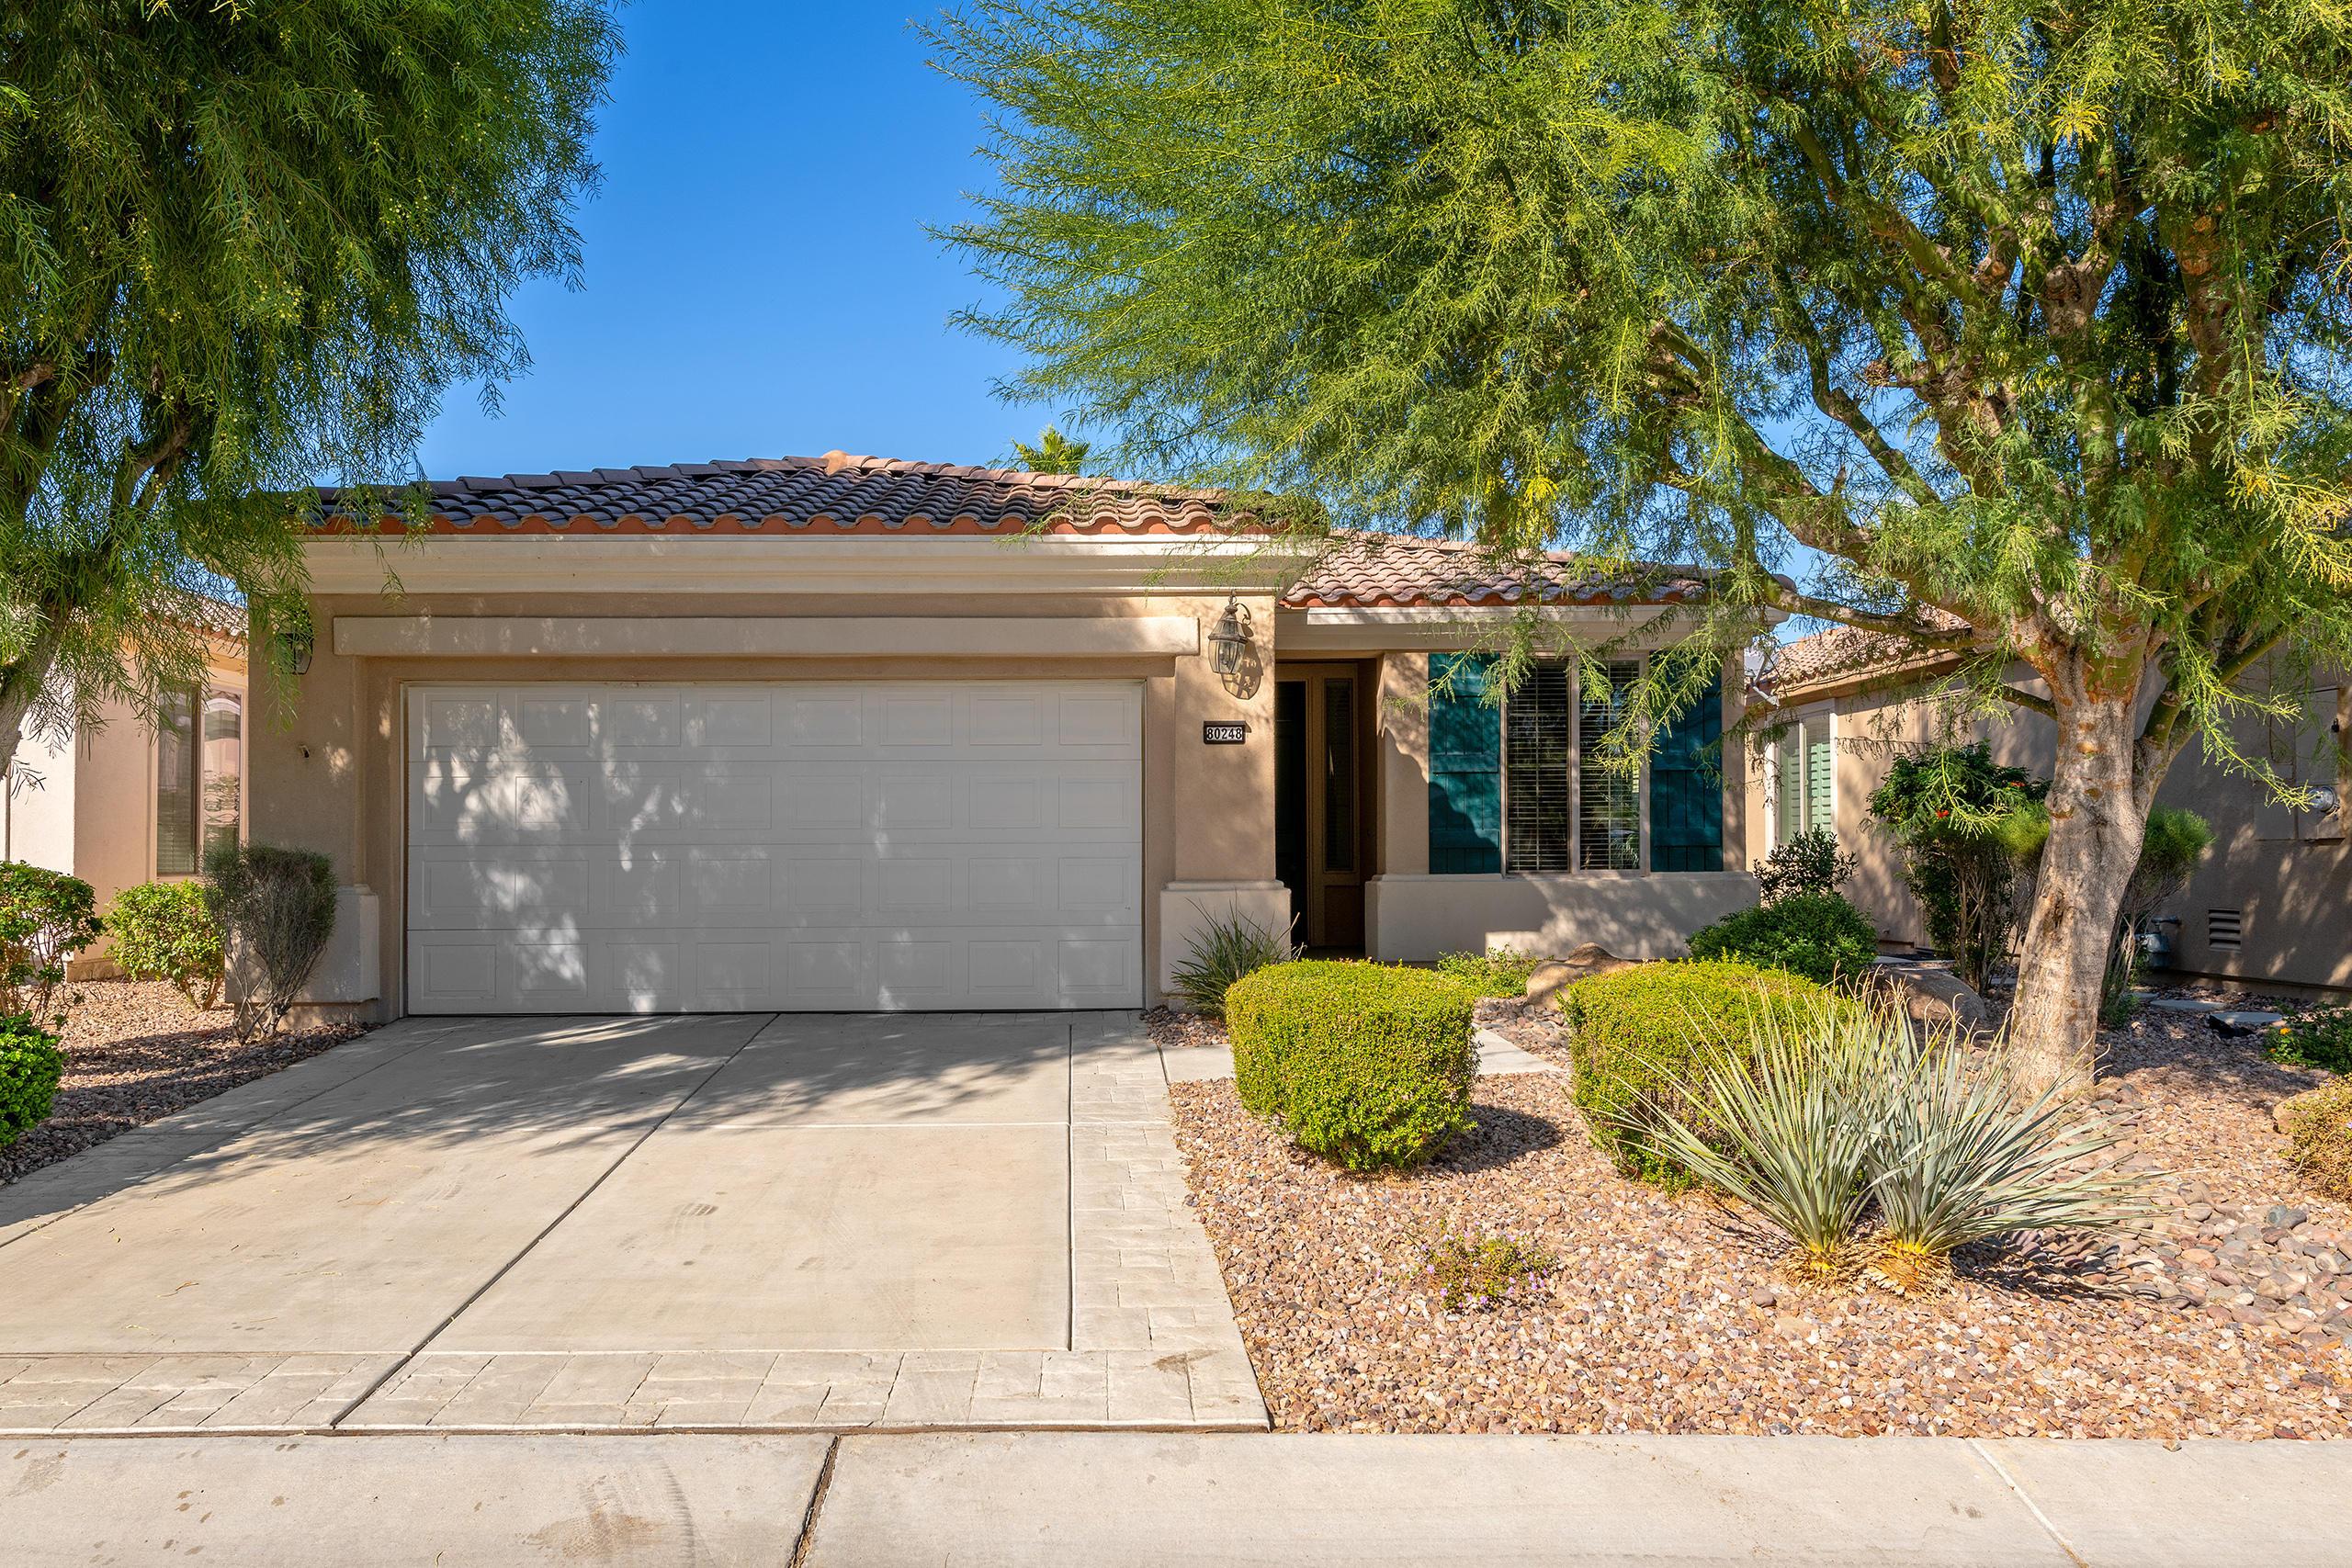 Photo of 80248 Avendia Santa Olivia, Indio, CA 92203